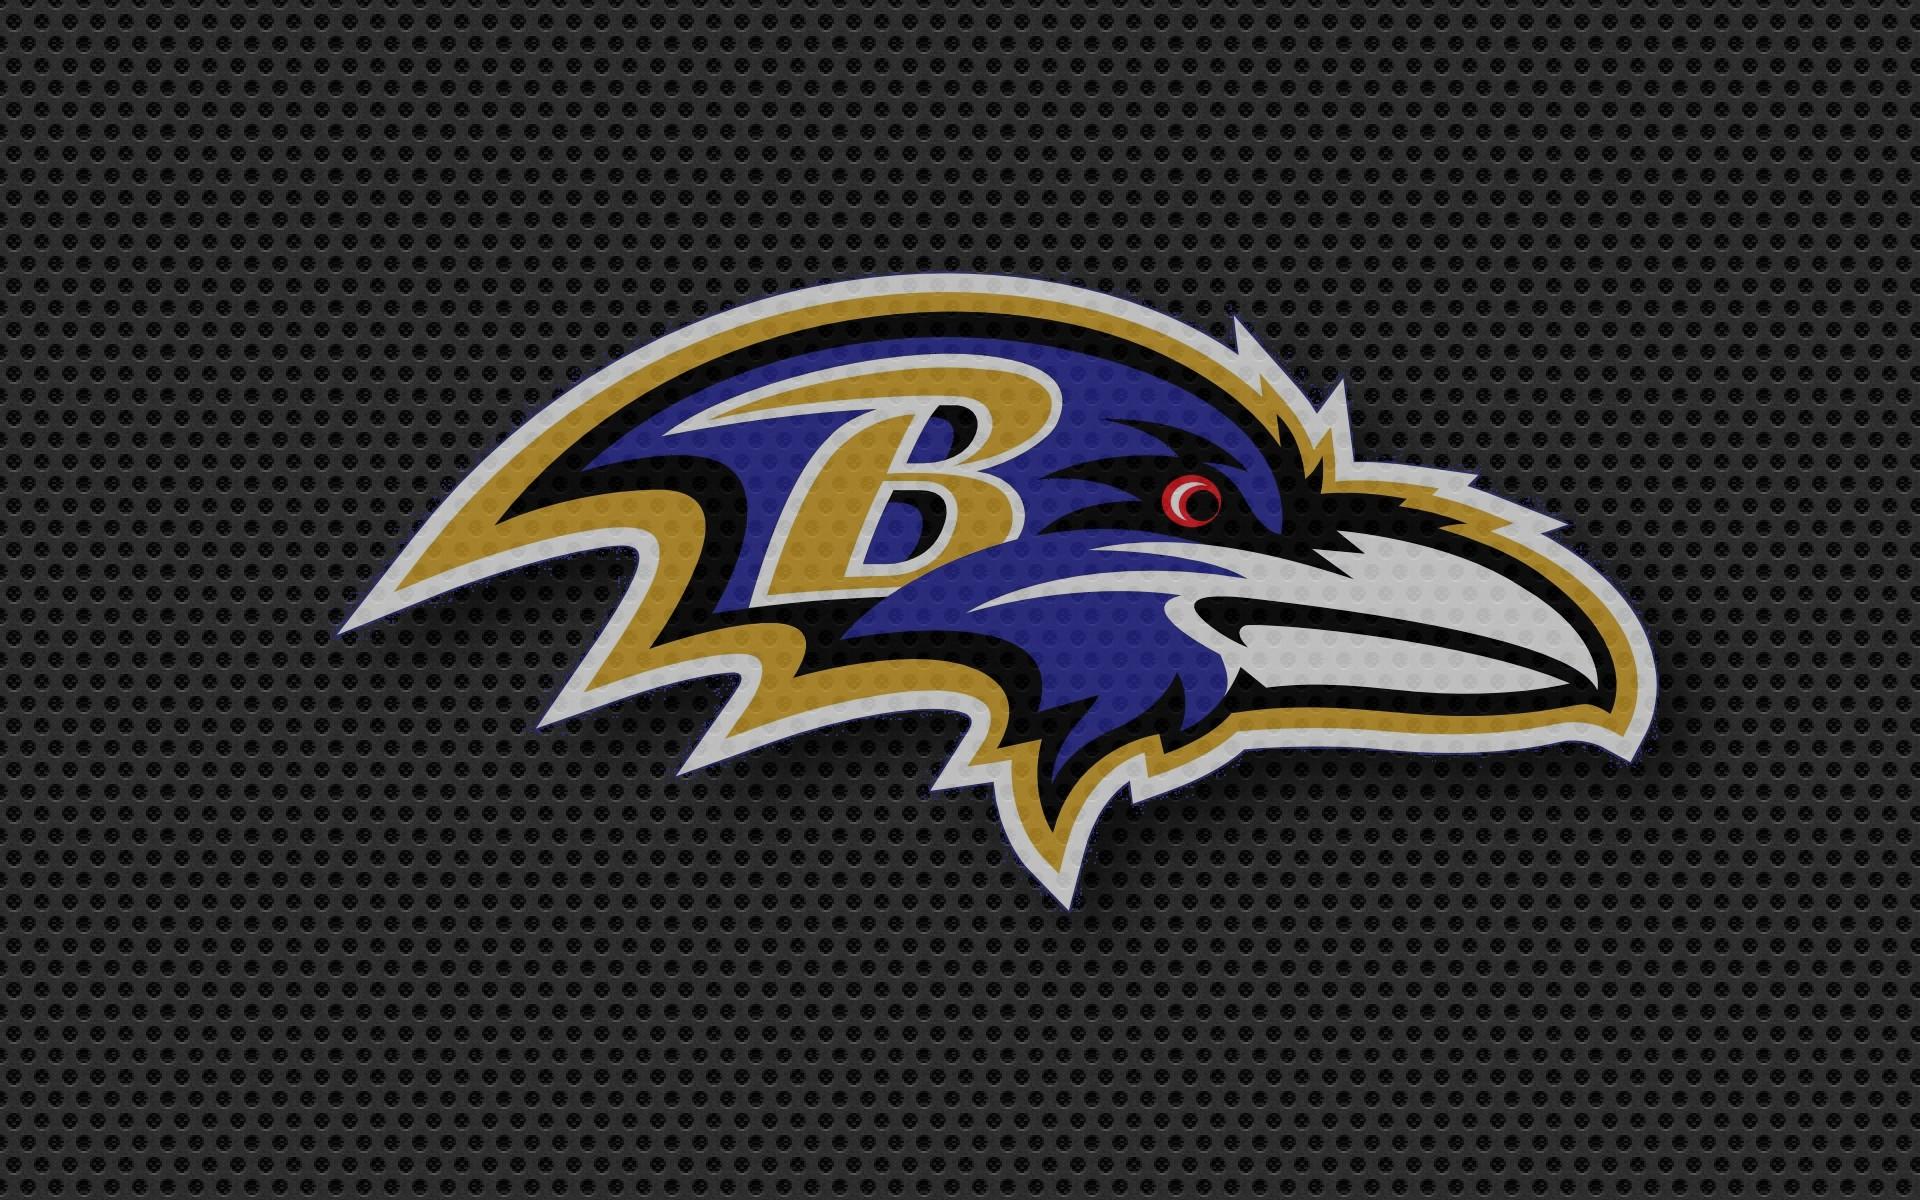 baltimore ravens logo raven carbon black 1920x1200